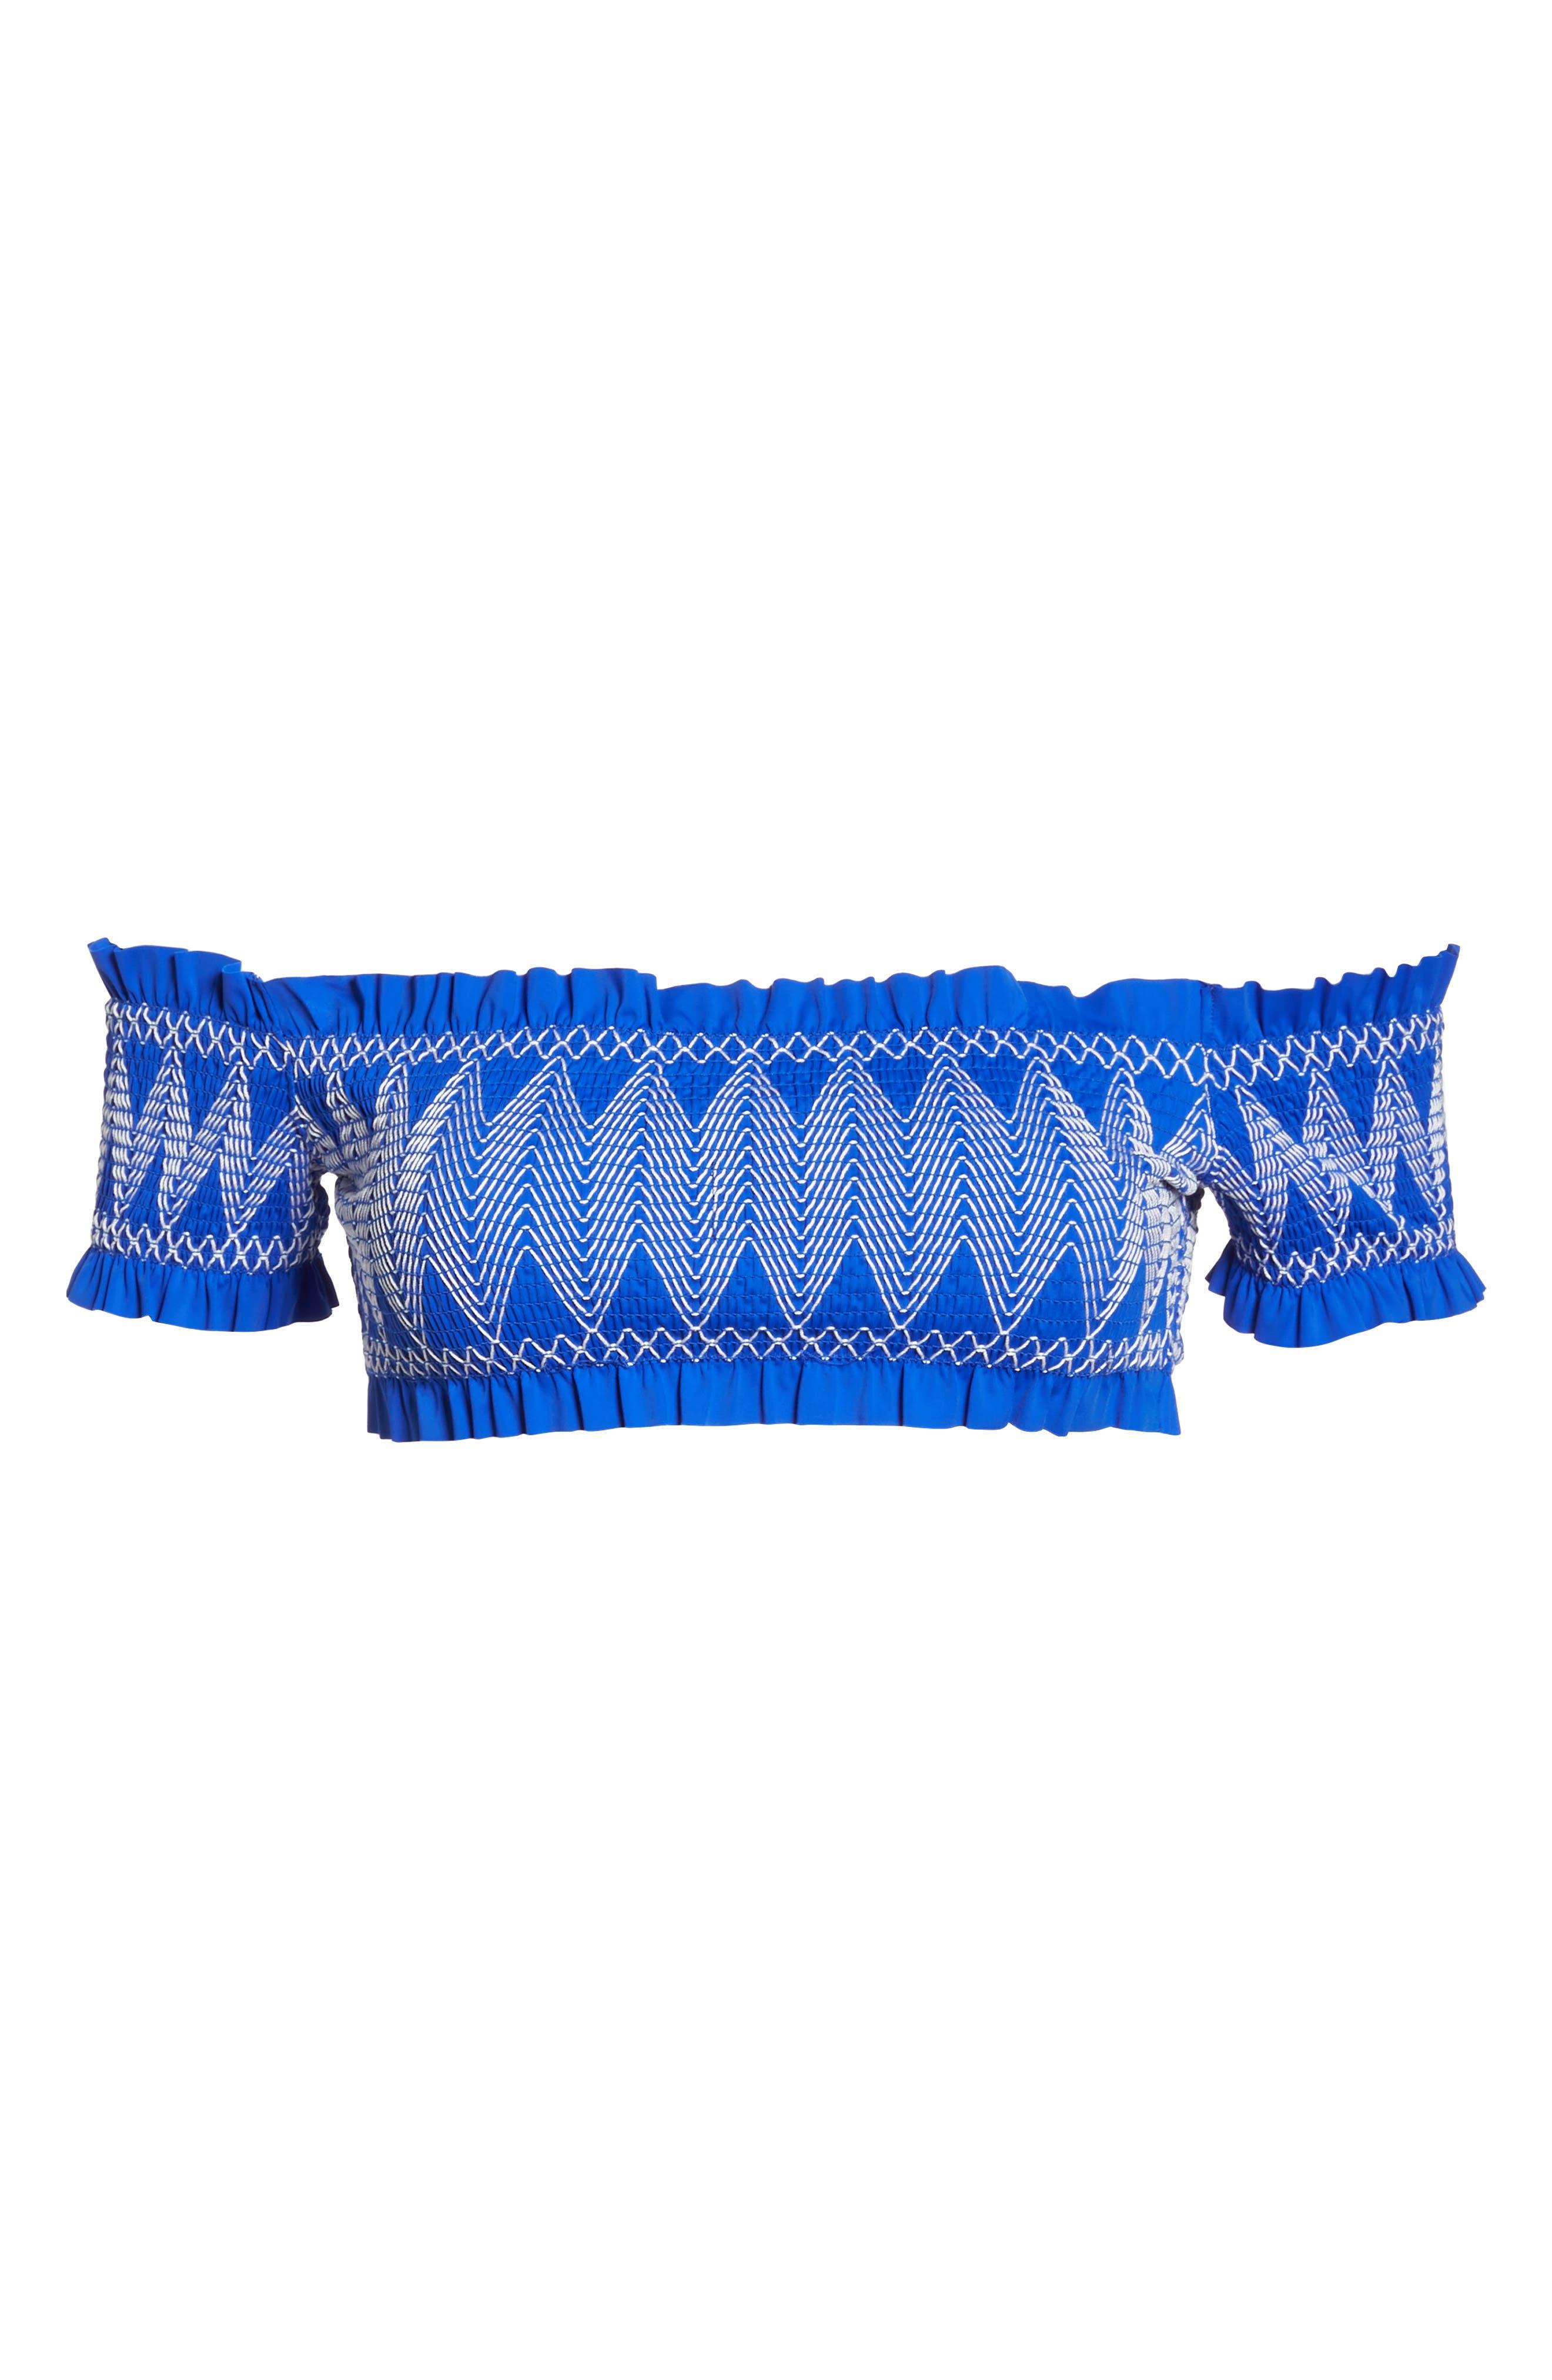 Smocked Bardot Bikini Top,                             Alternate thumbnail 9, color,                             Bright Blue